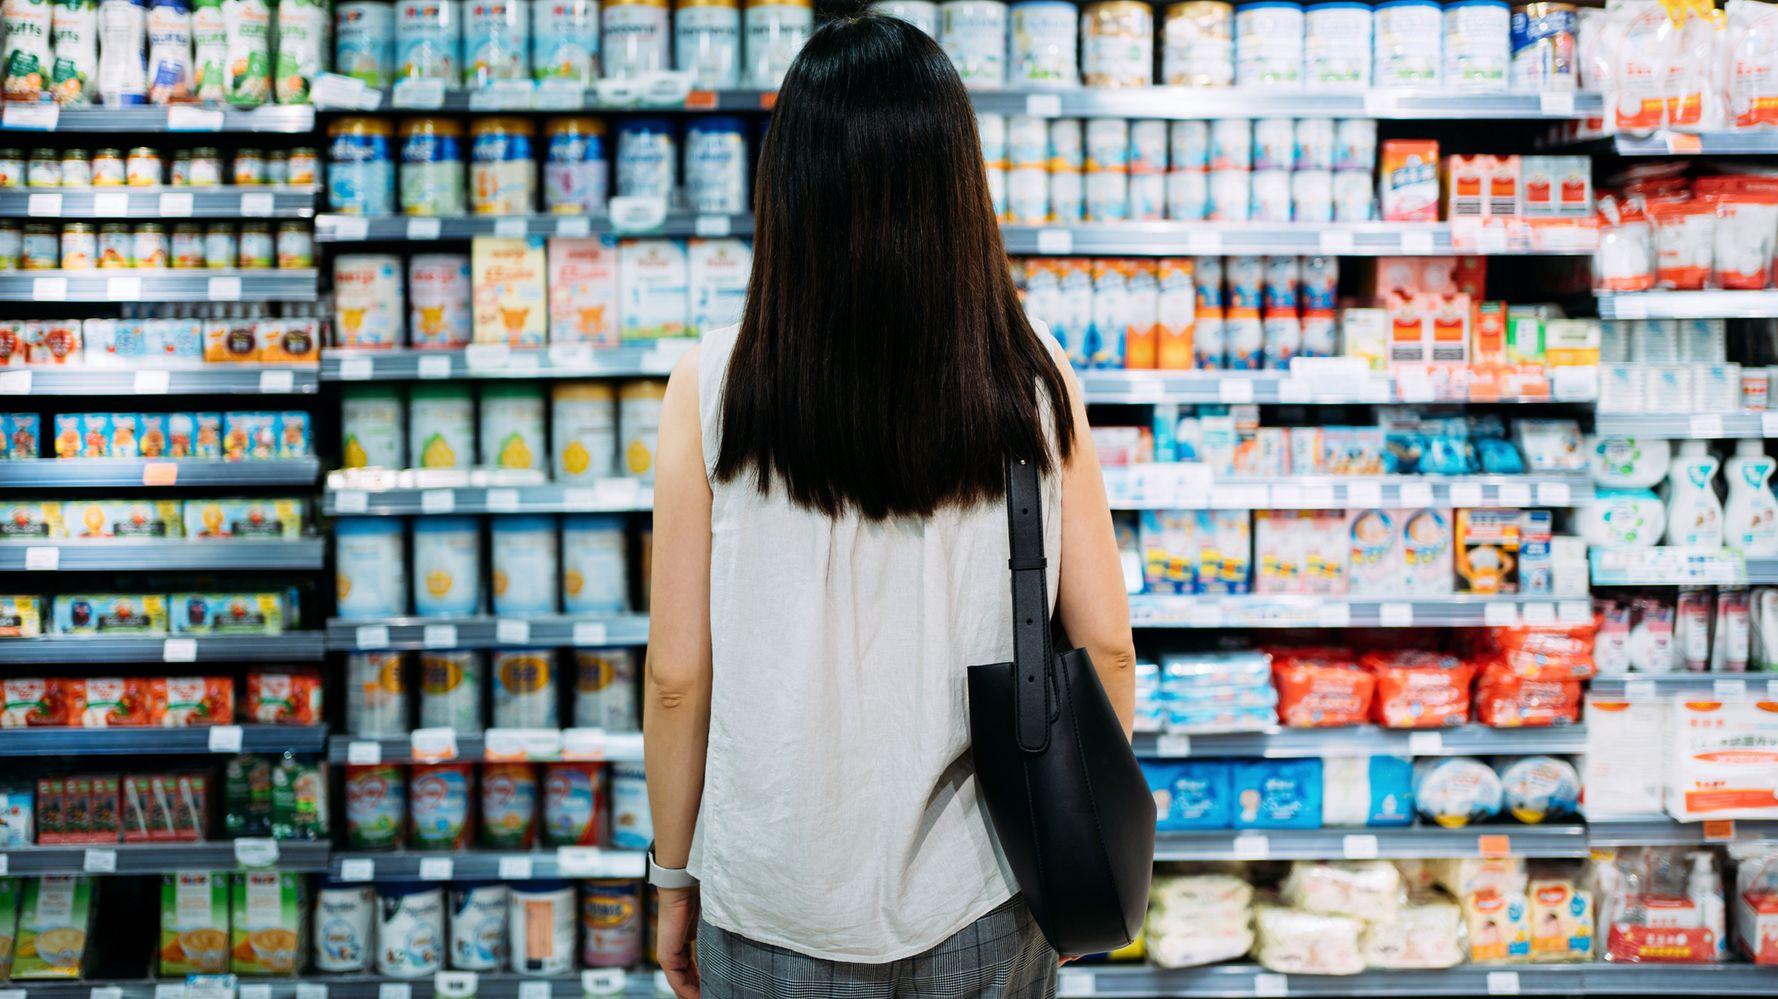 Thon, huile d'olive, bio… Ces produits ne sont pas toujours ceux que vous croyez acheter